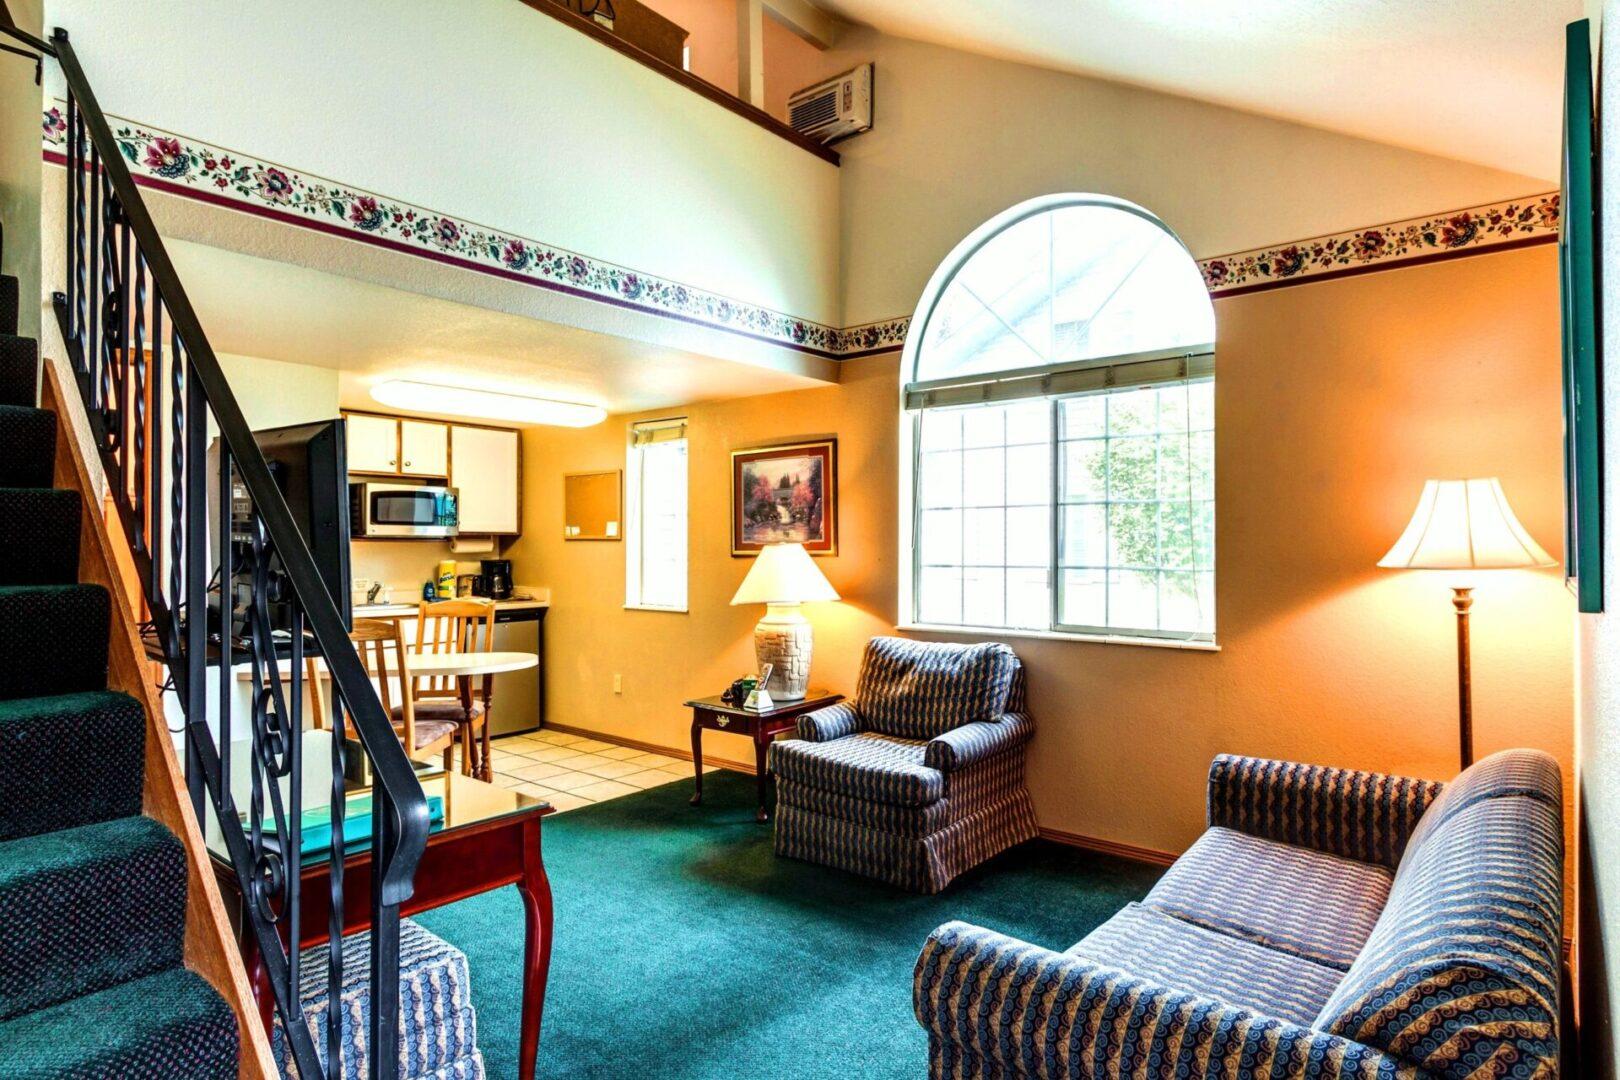 Quiet interior with loft bedroom